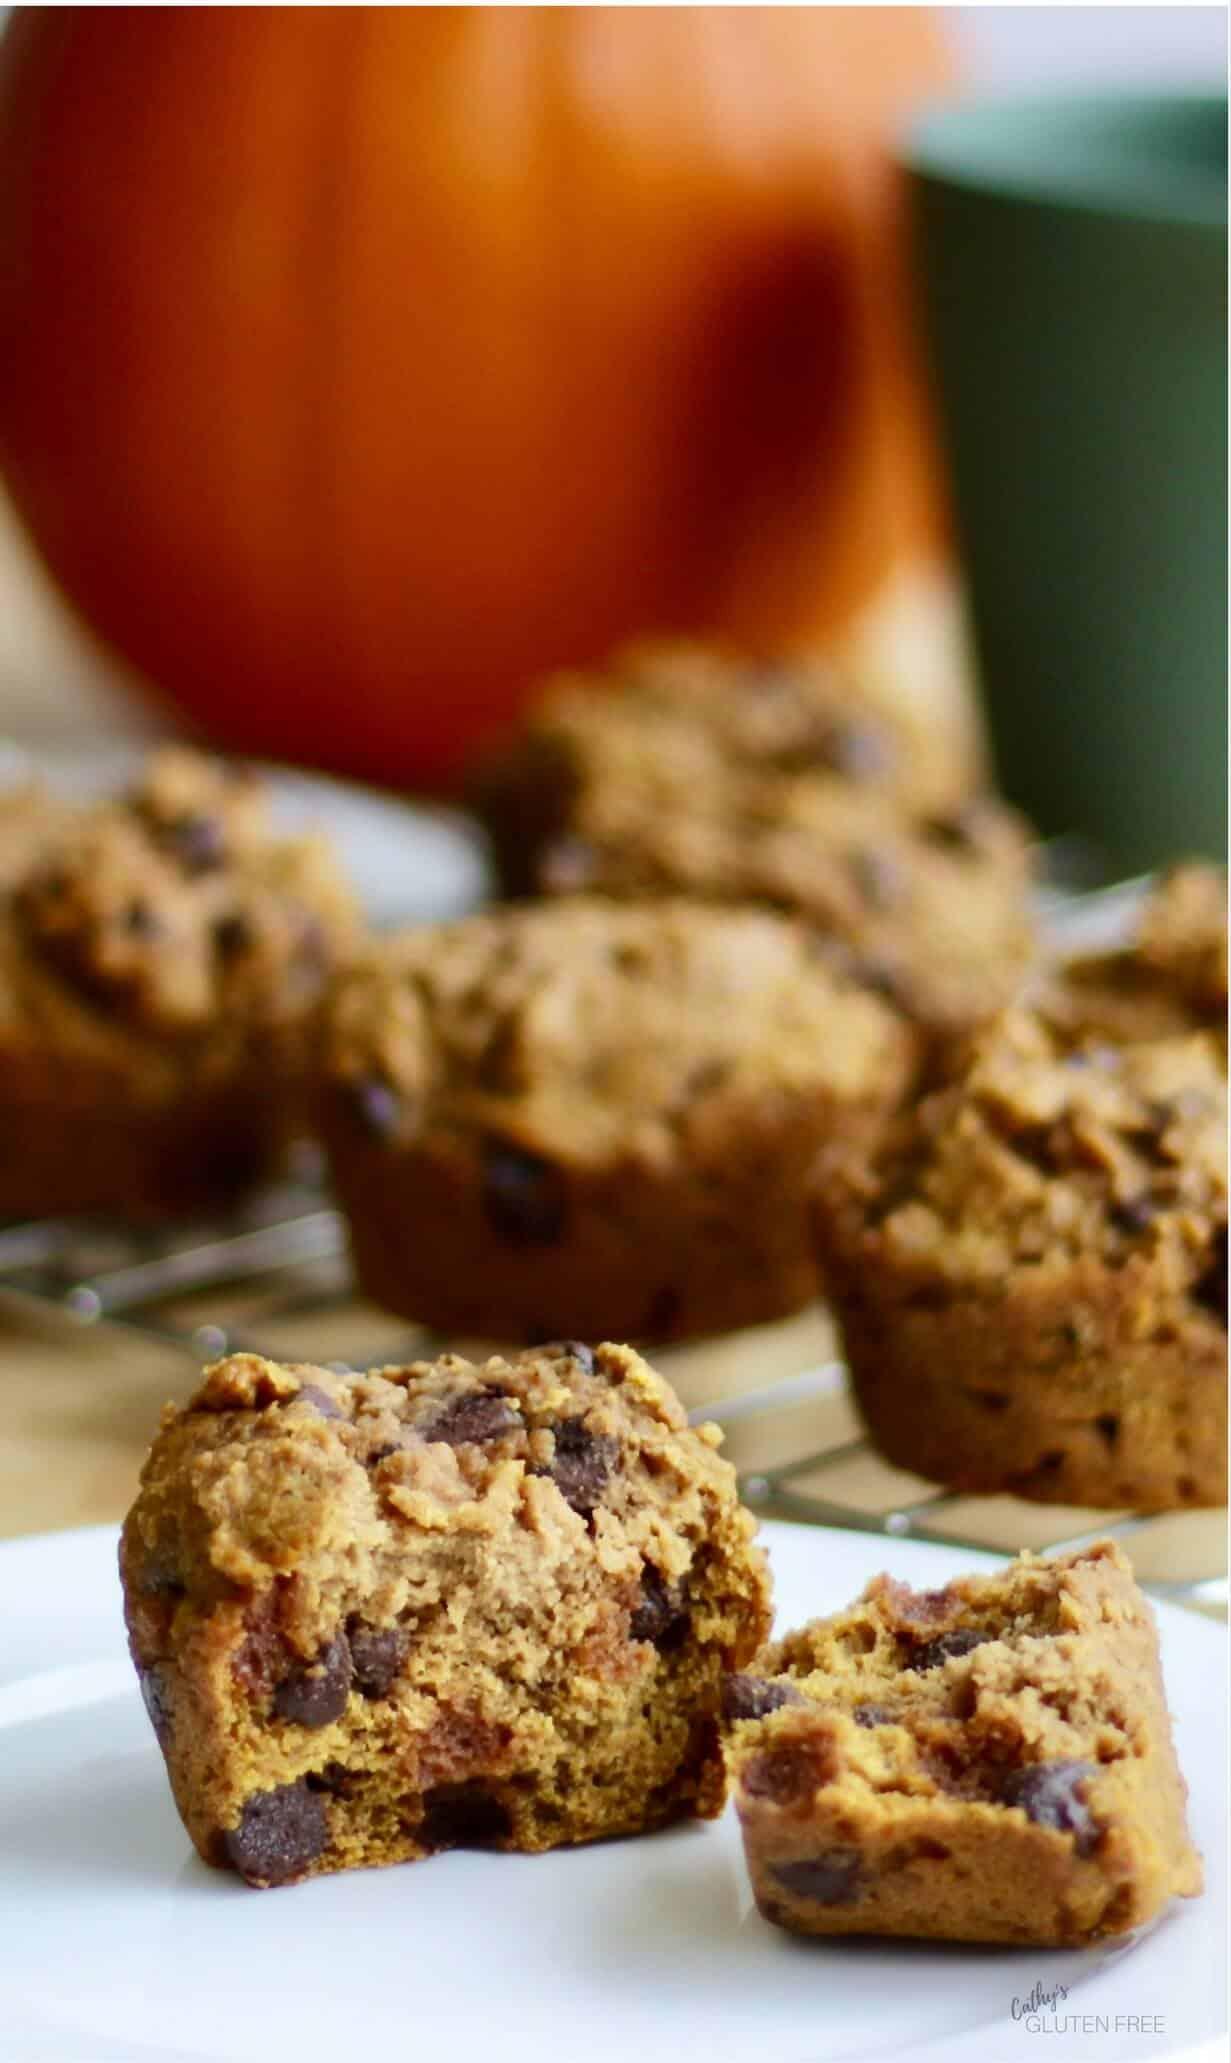 Gluten Free Pumpkin Muffins taste great! CathysGlutenFree.com